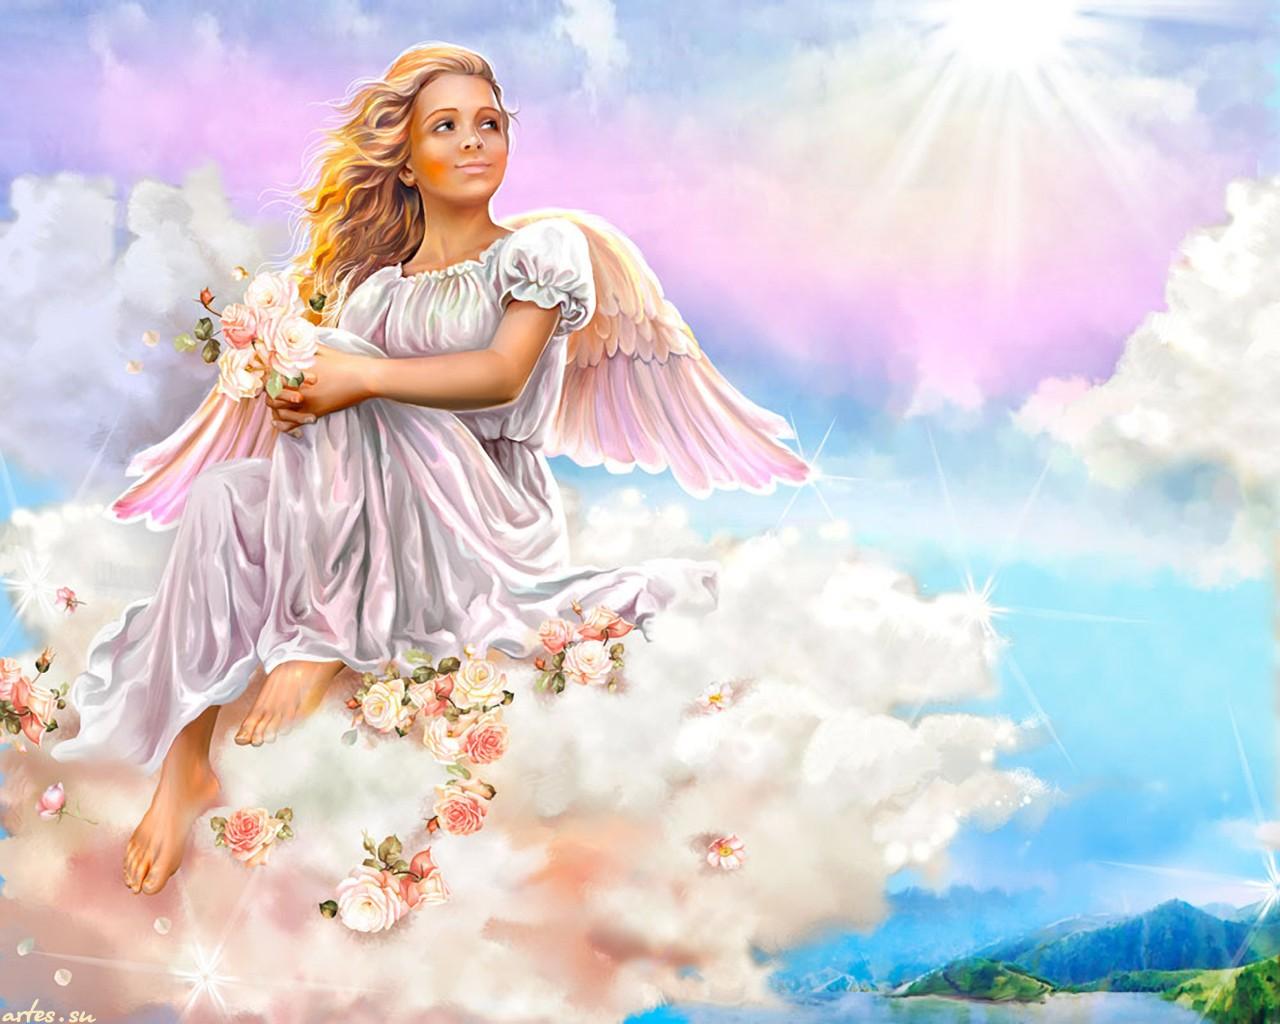 Скачать обои  ангел на облаке, В.Целуйко 1280x1024